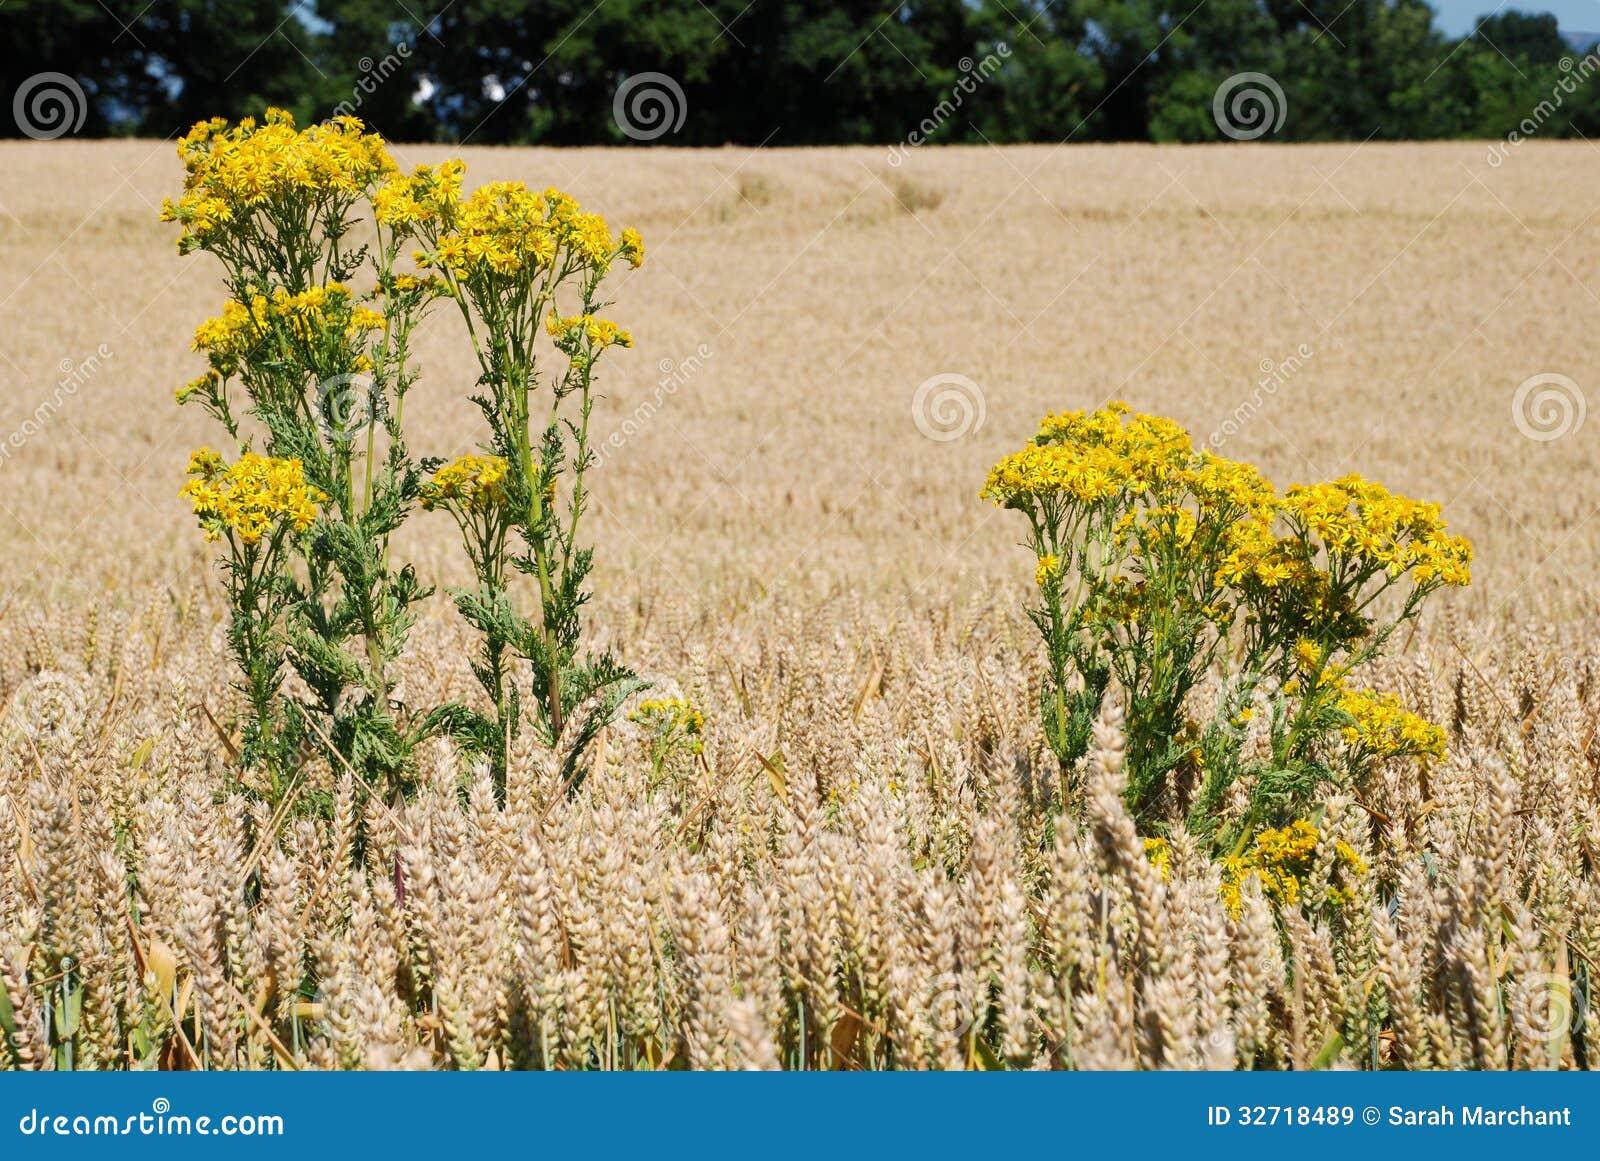 在一块麦田的狗舌草